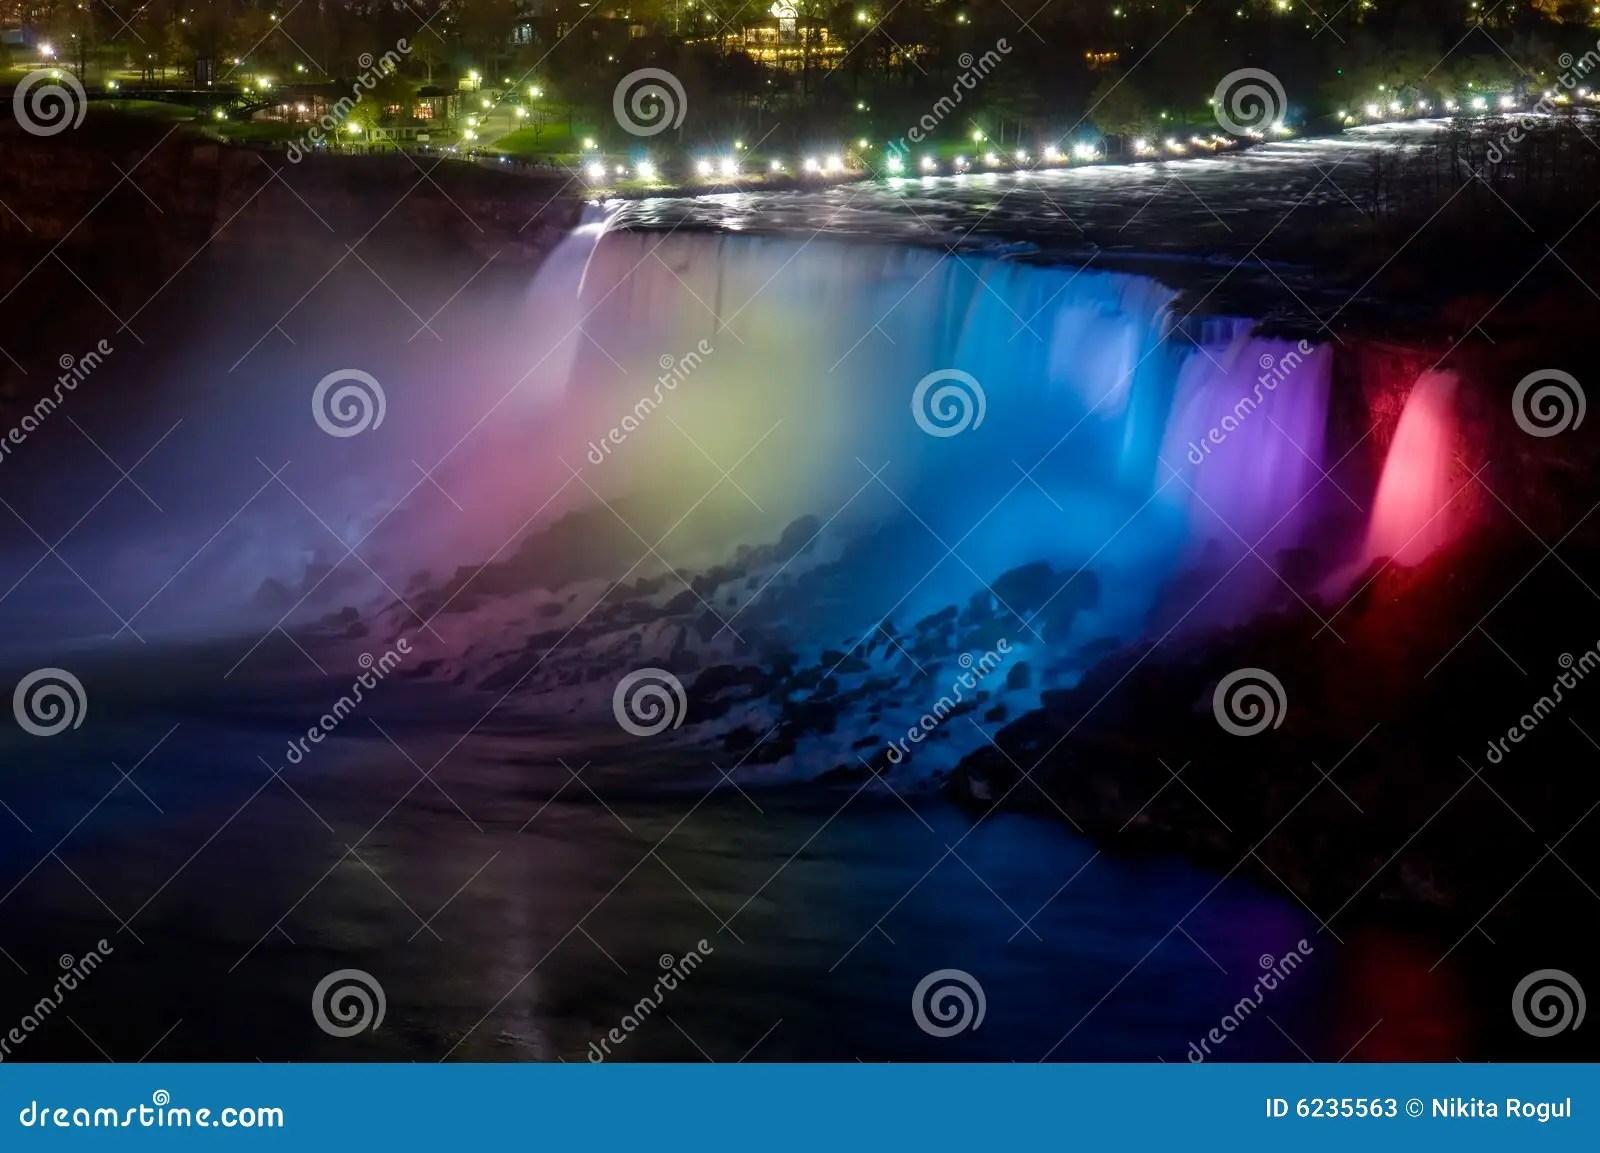 Niagara Falls At Night Stock Image Image Of River Color